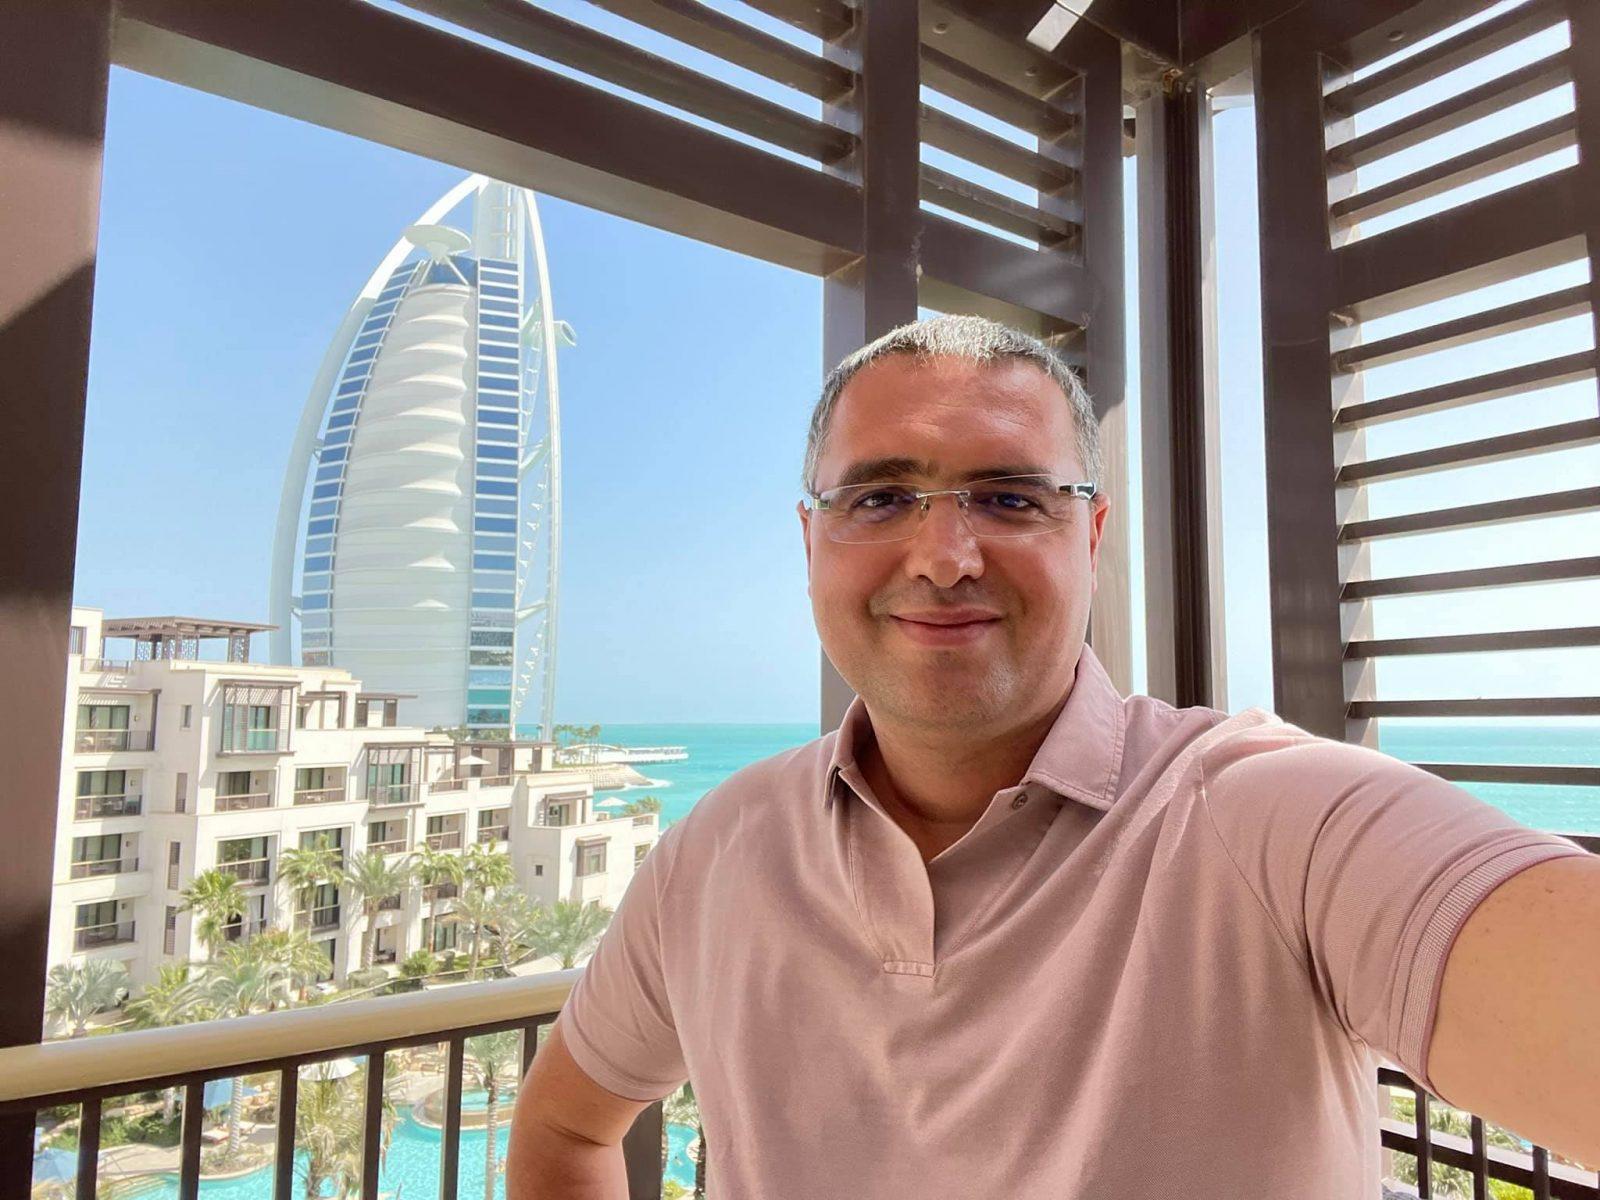 Примар Бэлць Ренато Усатый отправился на несколько дней в Дубай 9 17.04.2021